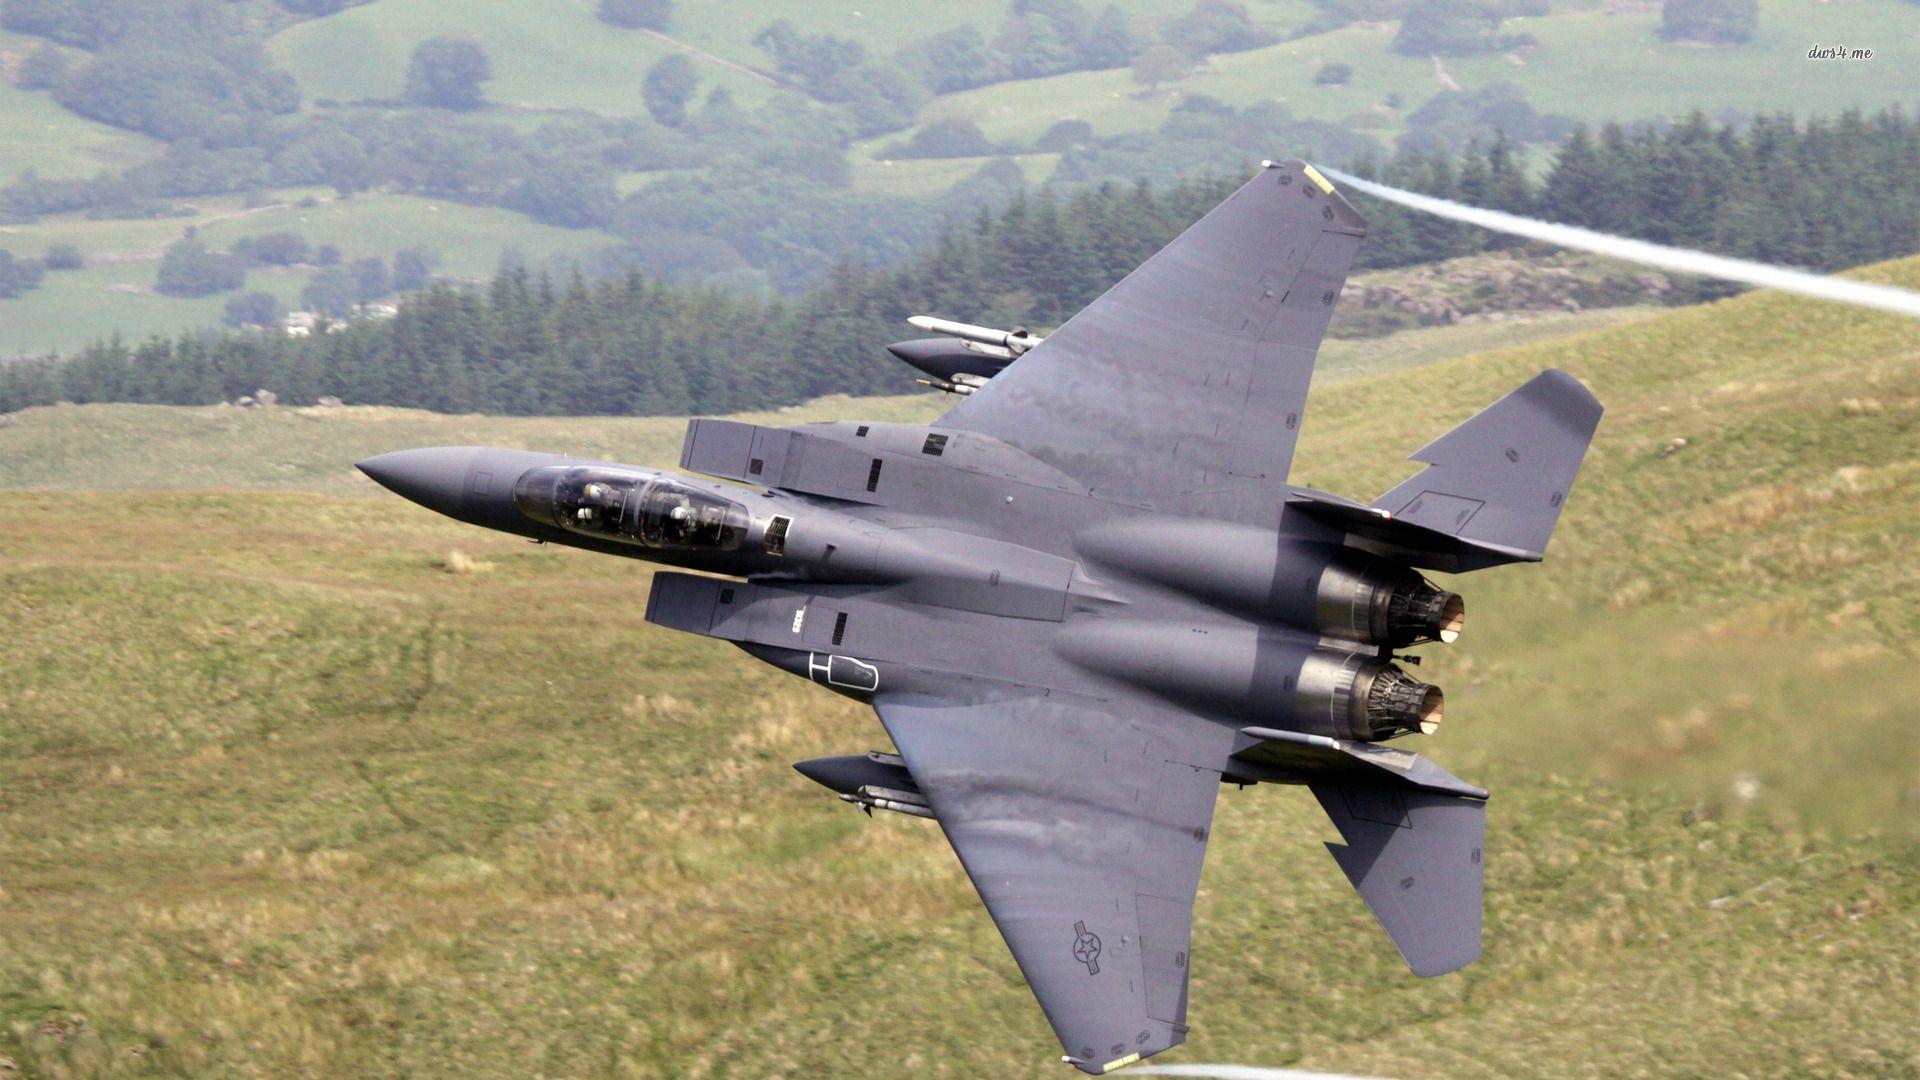 McDonnell Douglas F-15 Eagle HD Images 8 | McDonnell Douglas F-15 Eagle HD Images